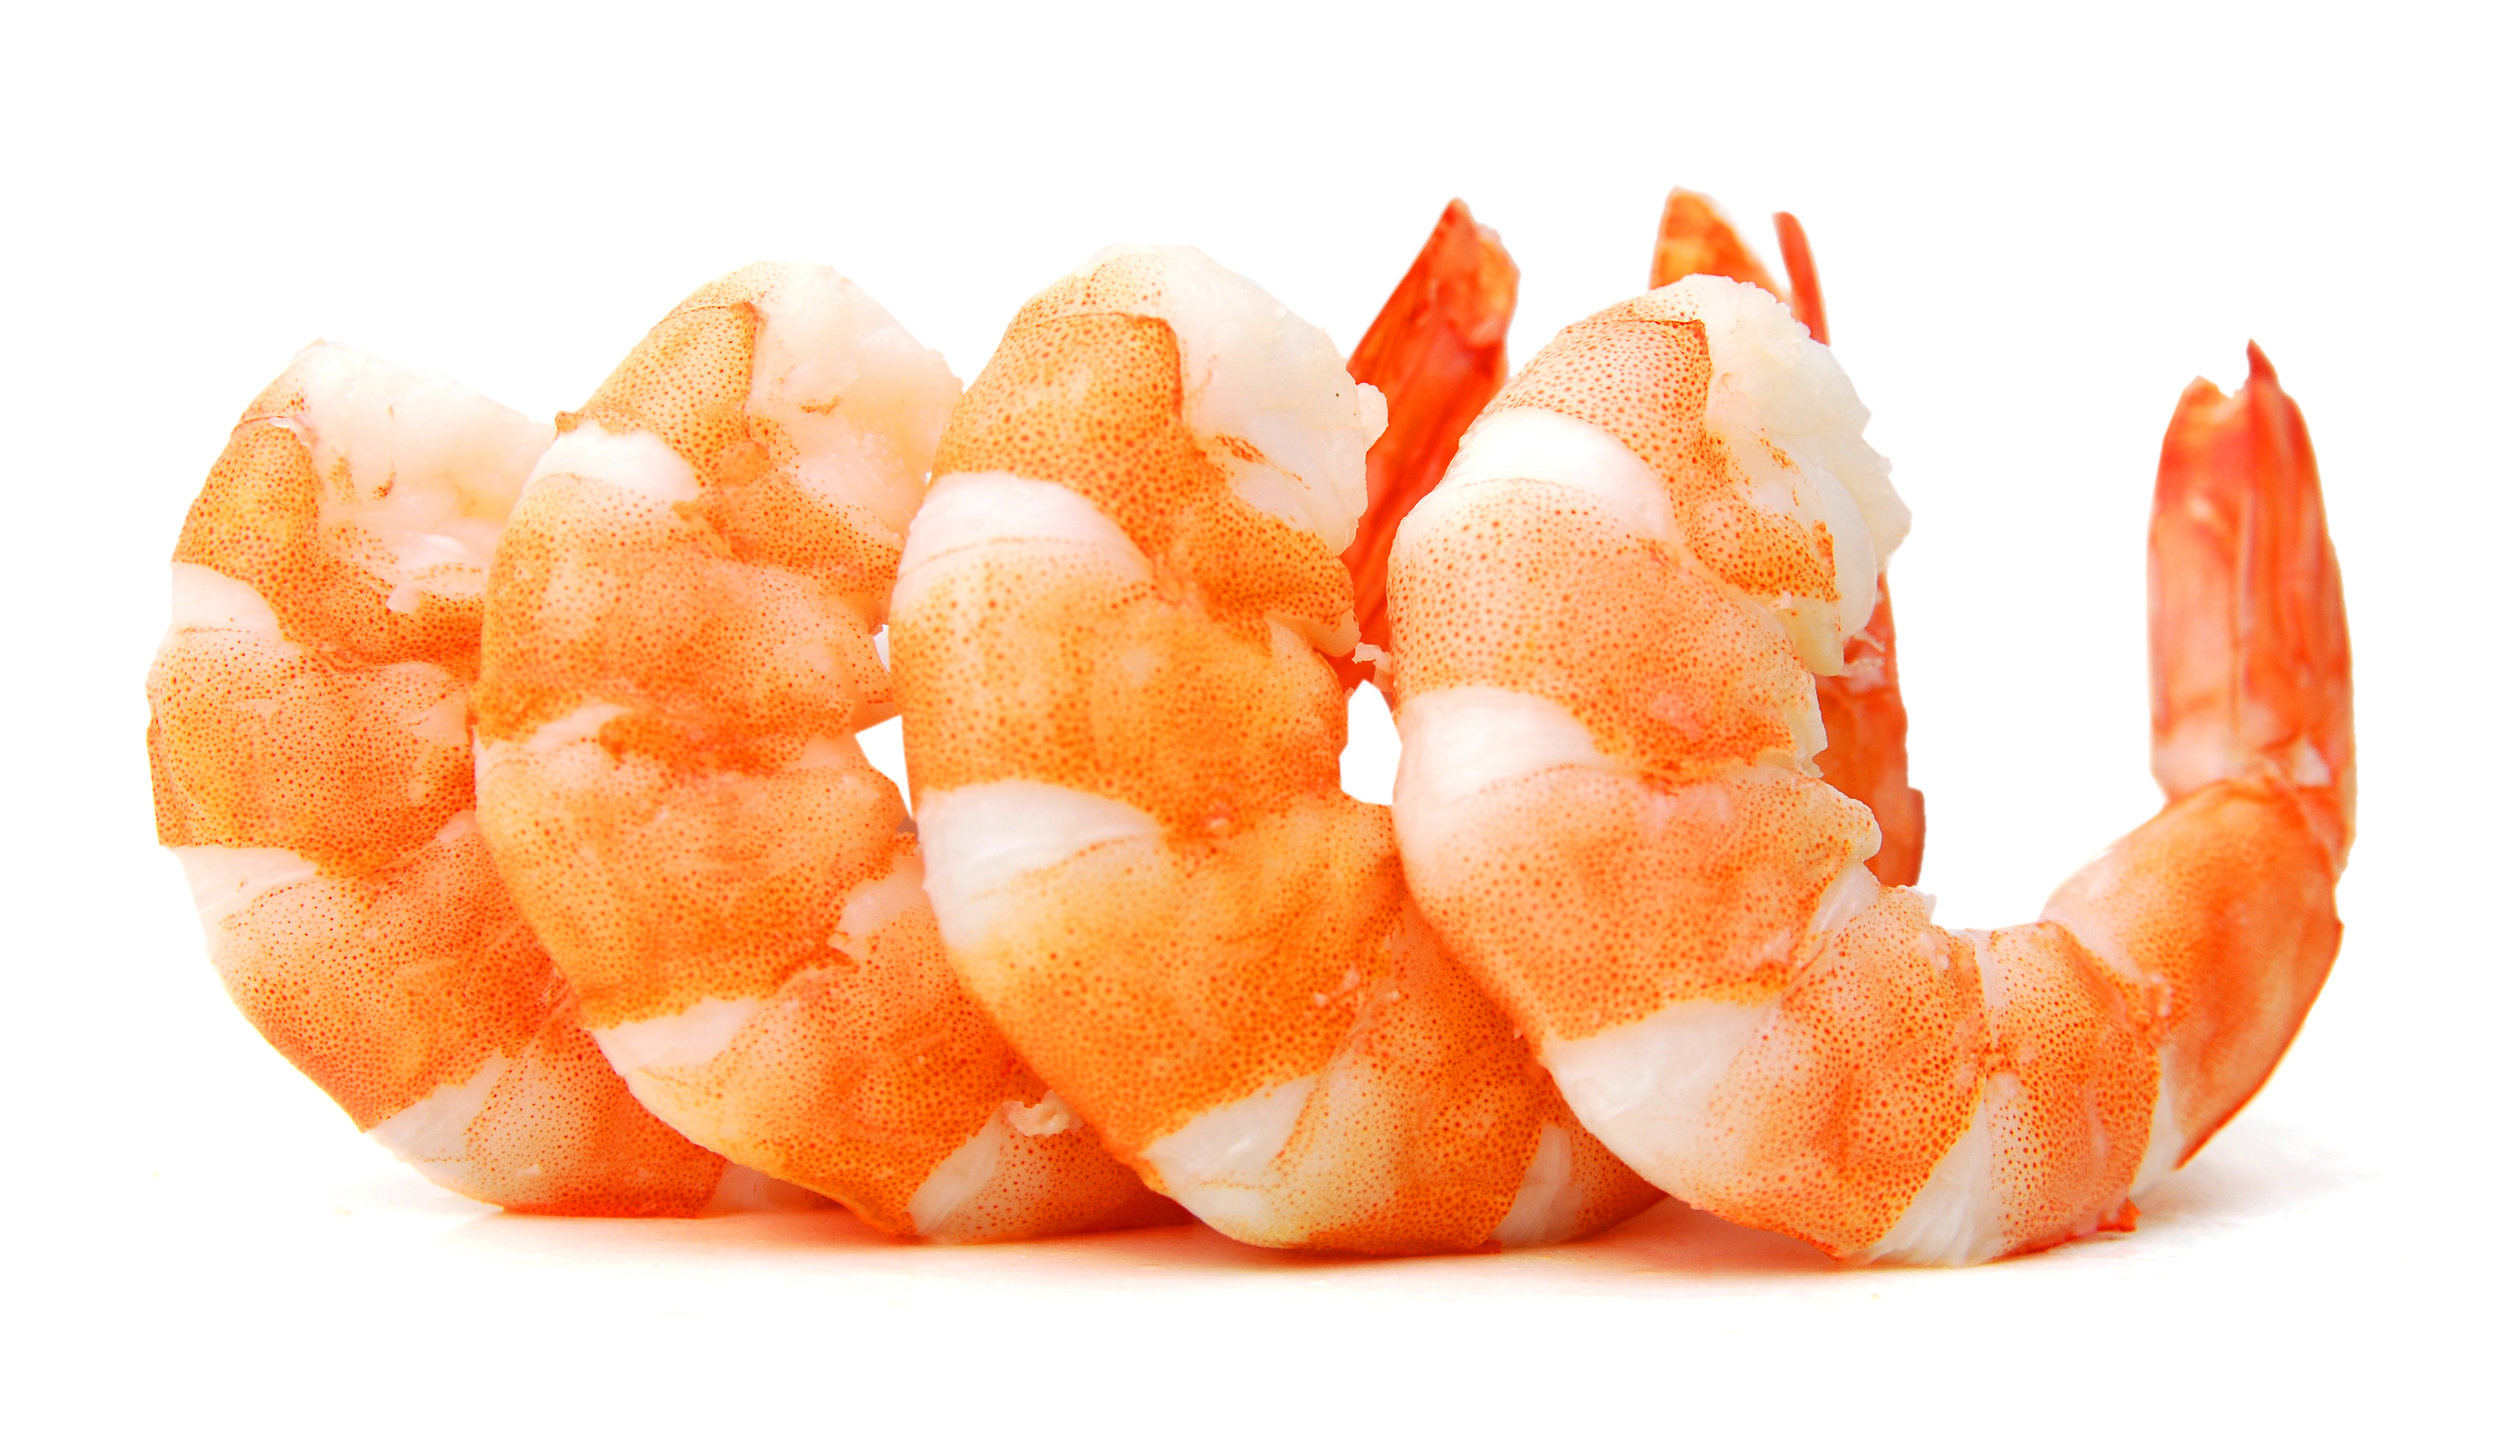 jumboshrimp_skinnyfat.jpg